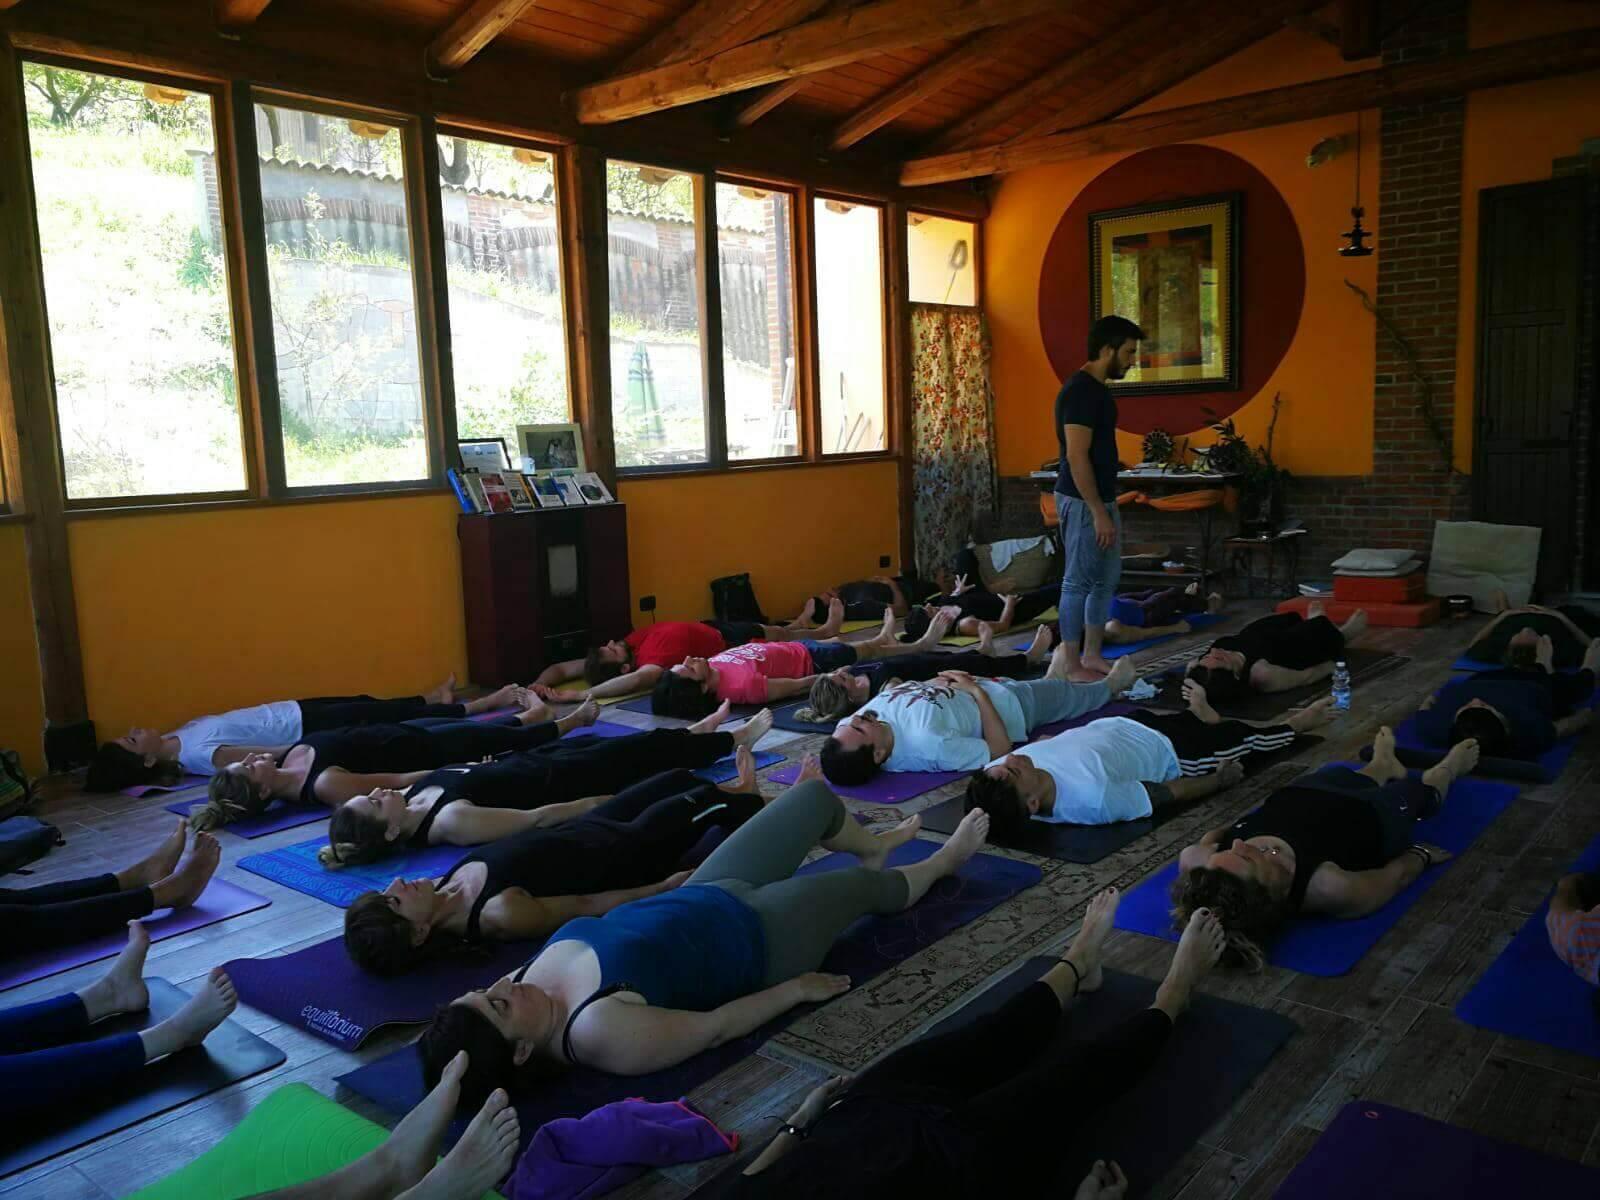 Il protocollo MBSR, ovvero il metodo per la riduzione dello stress basato sulla mindfulness